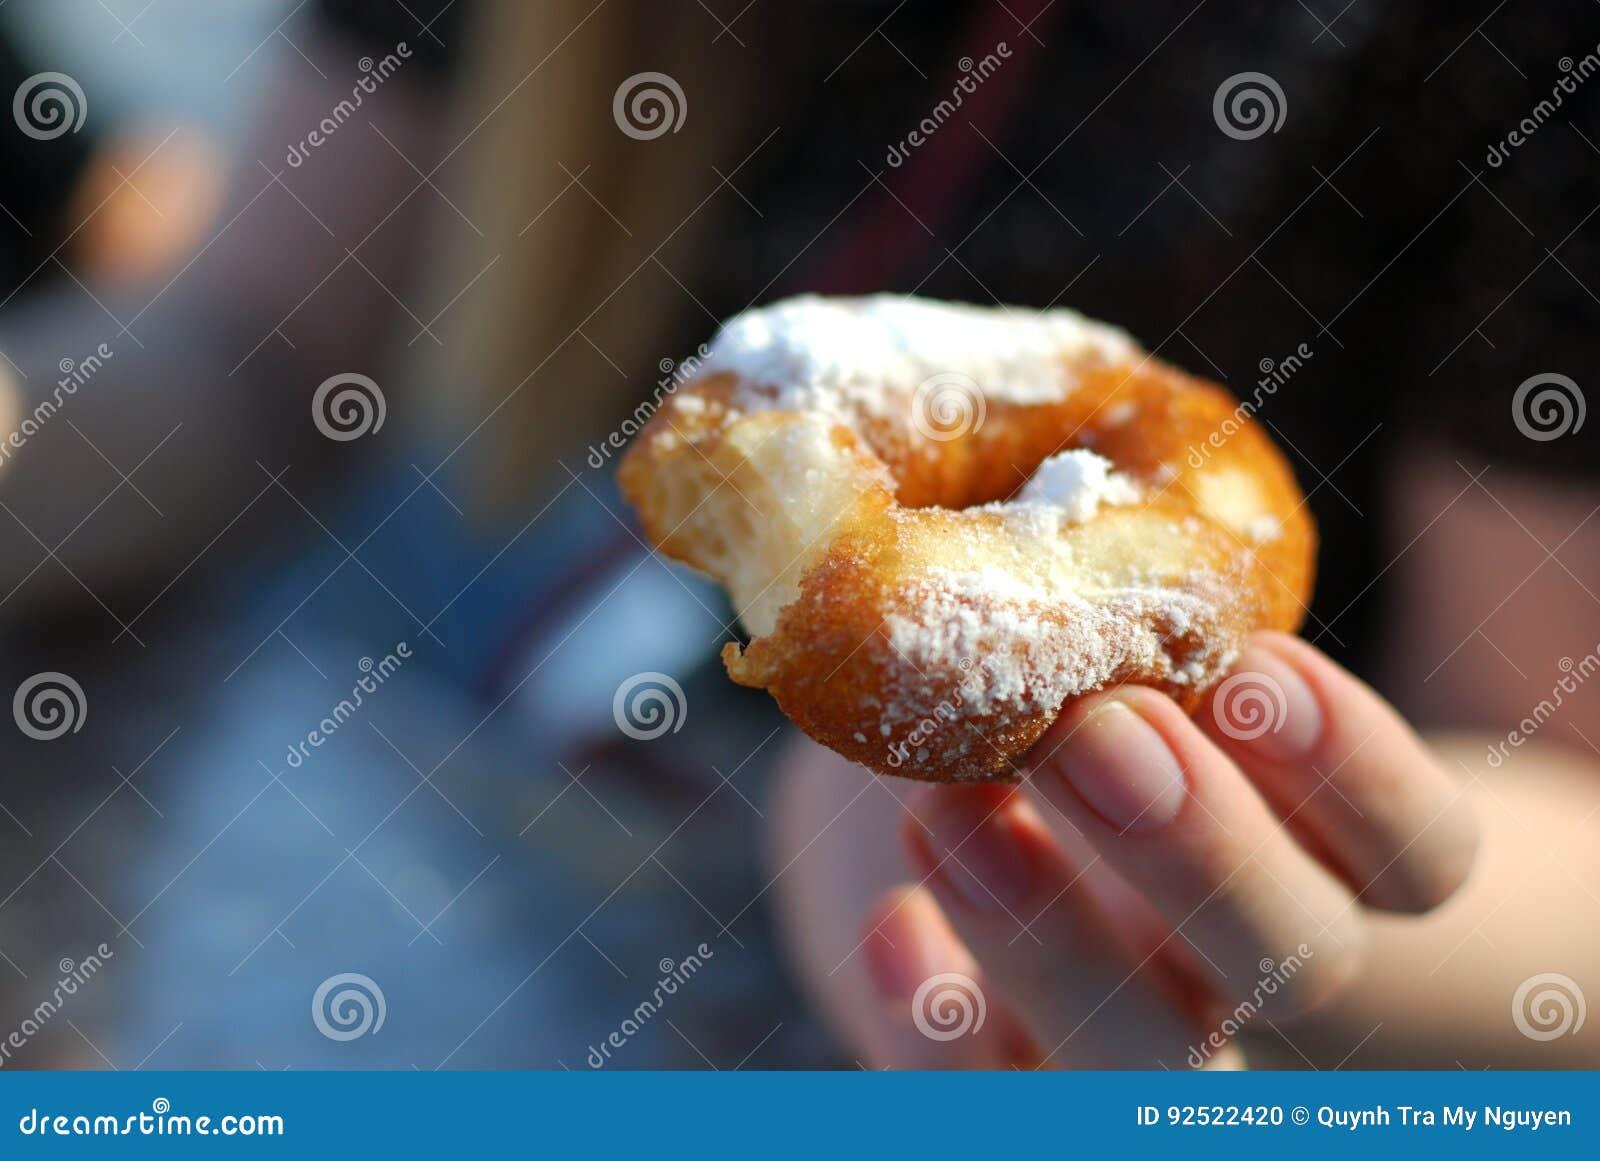 Mani che giudicano ciambella bited spolverata con la fine in polvere dello zucchero su